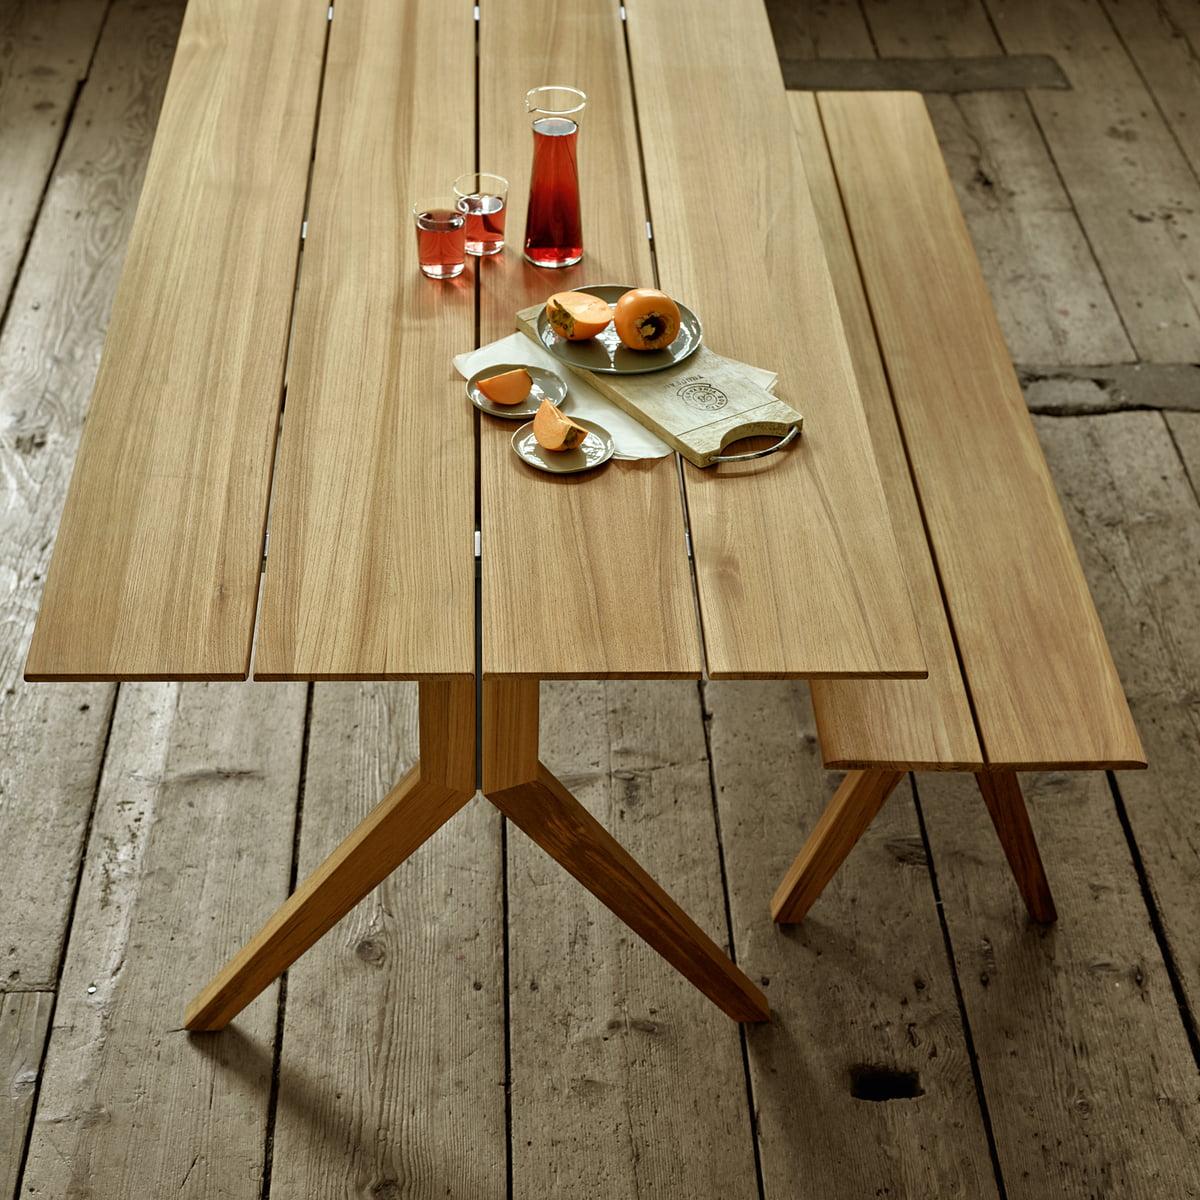 Großzügig Küchentisch Setzt Mit Sitzbank Ideen - Ideen Für Die Küche ...